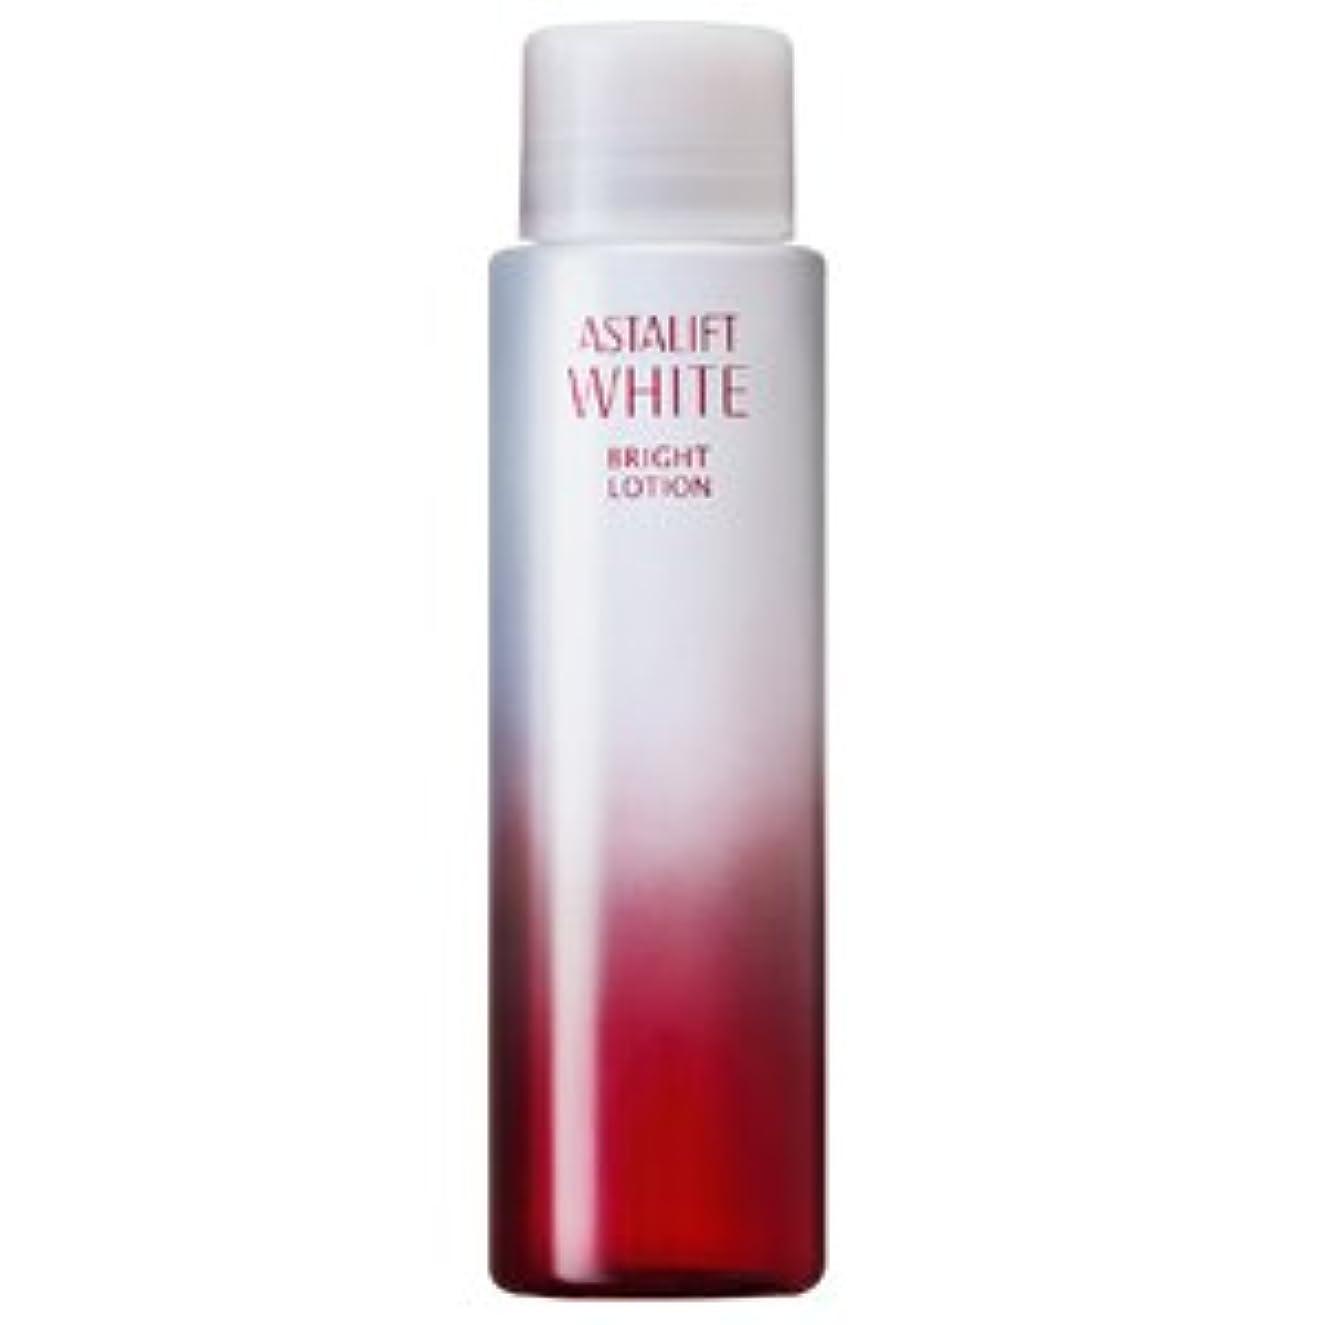 研究所米国デクリメントアスタリフト/ASTALIFT 化粧水 アスタリフトホワイトブライトローション レフィル 130ml [並行輸入品]